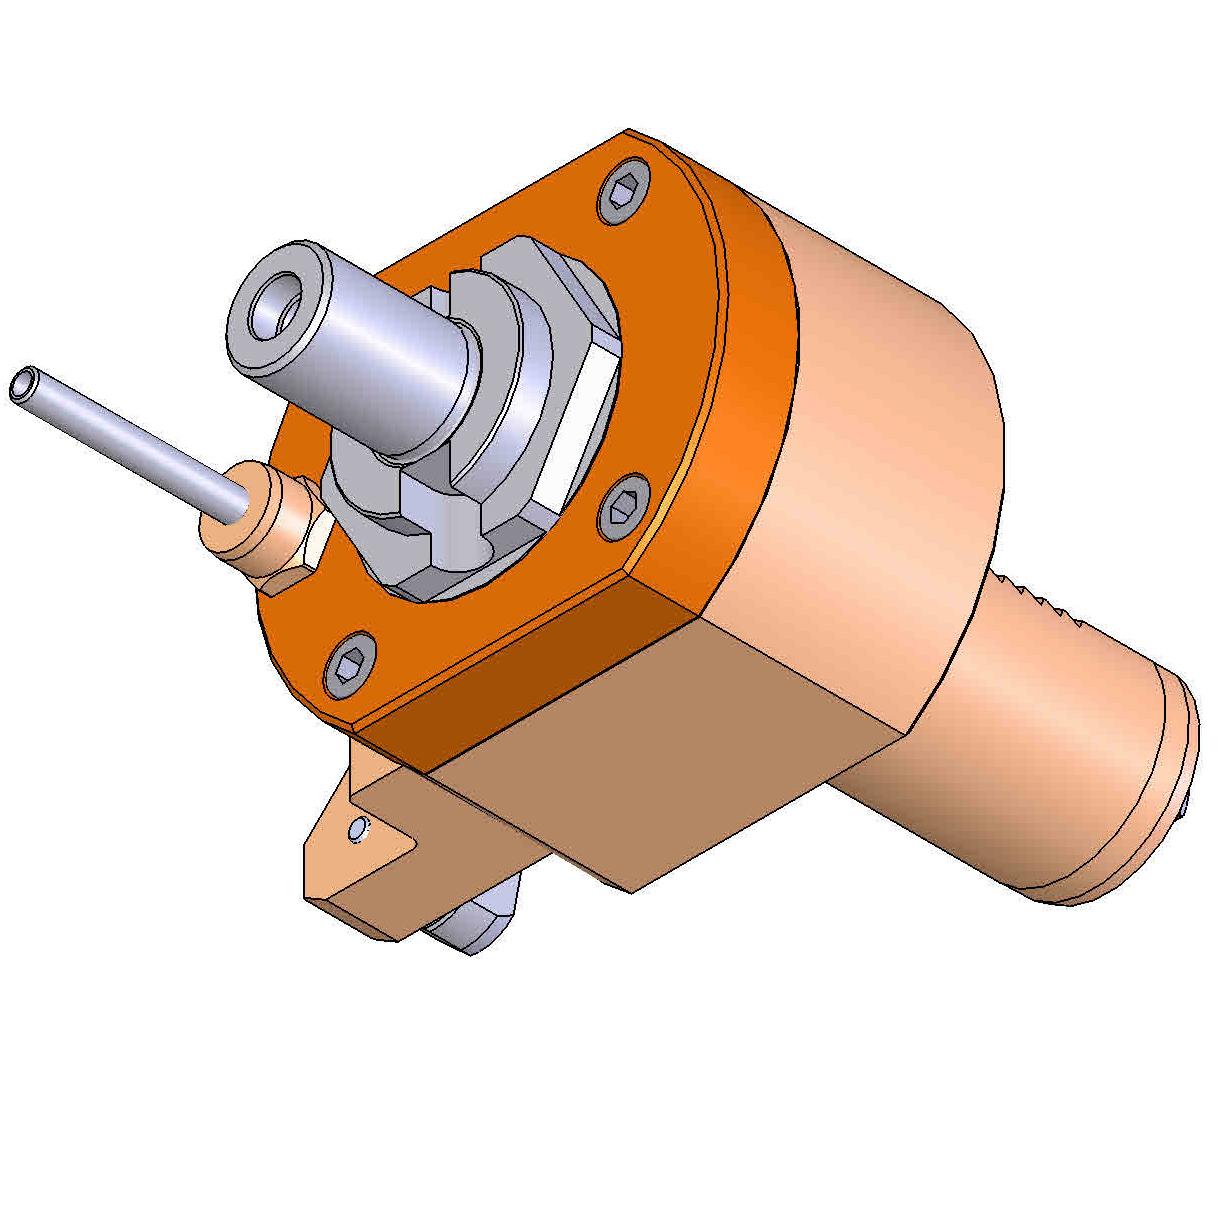 LT-S VDI40 DIN138-22 H72 MZ.